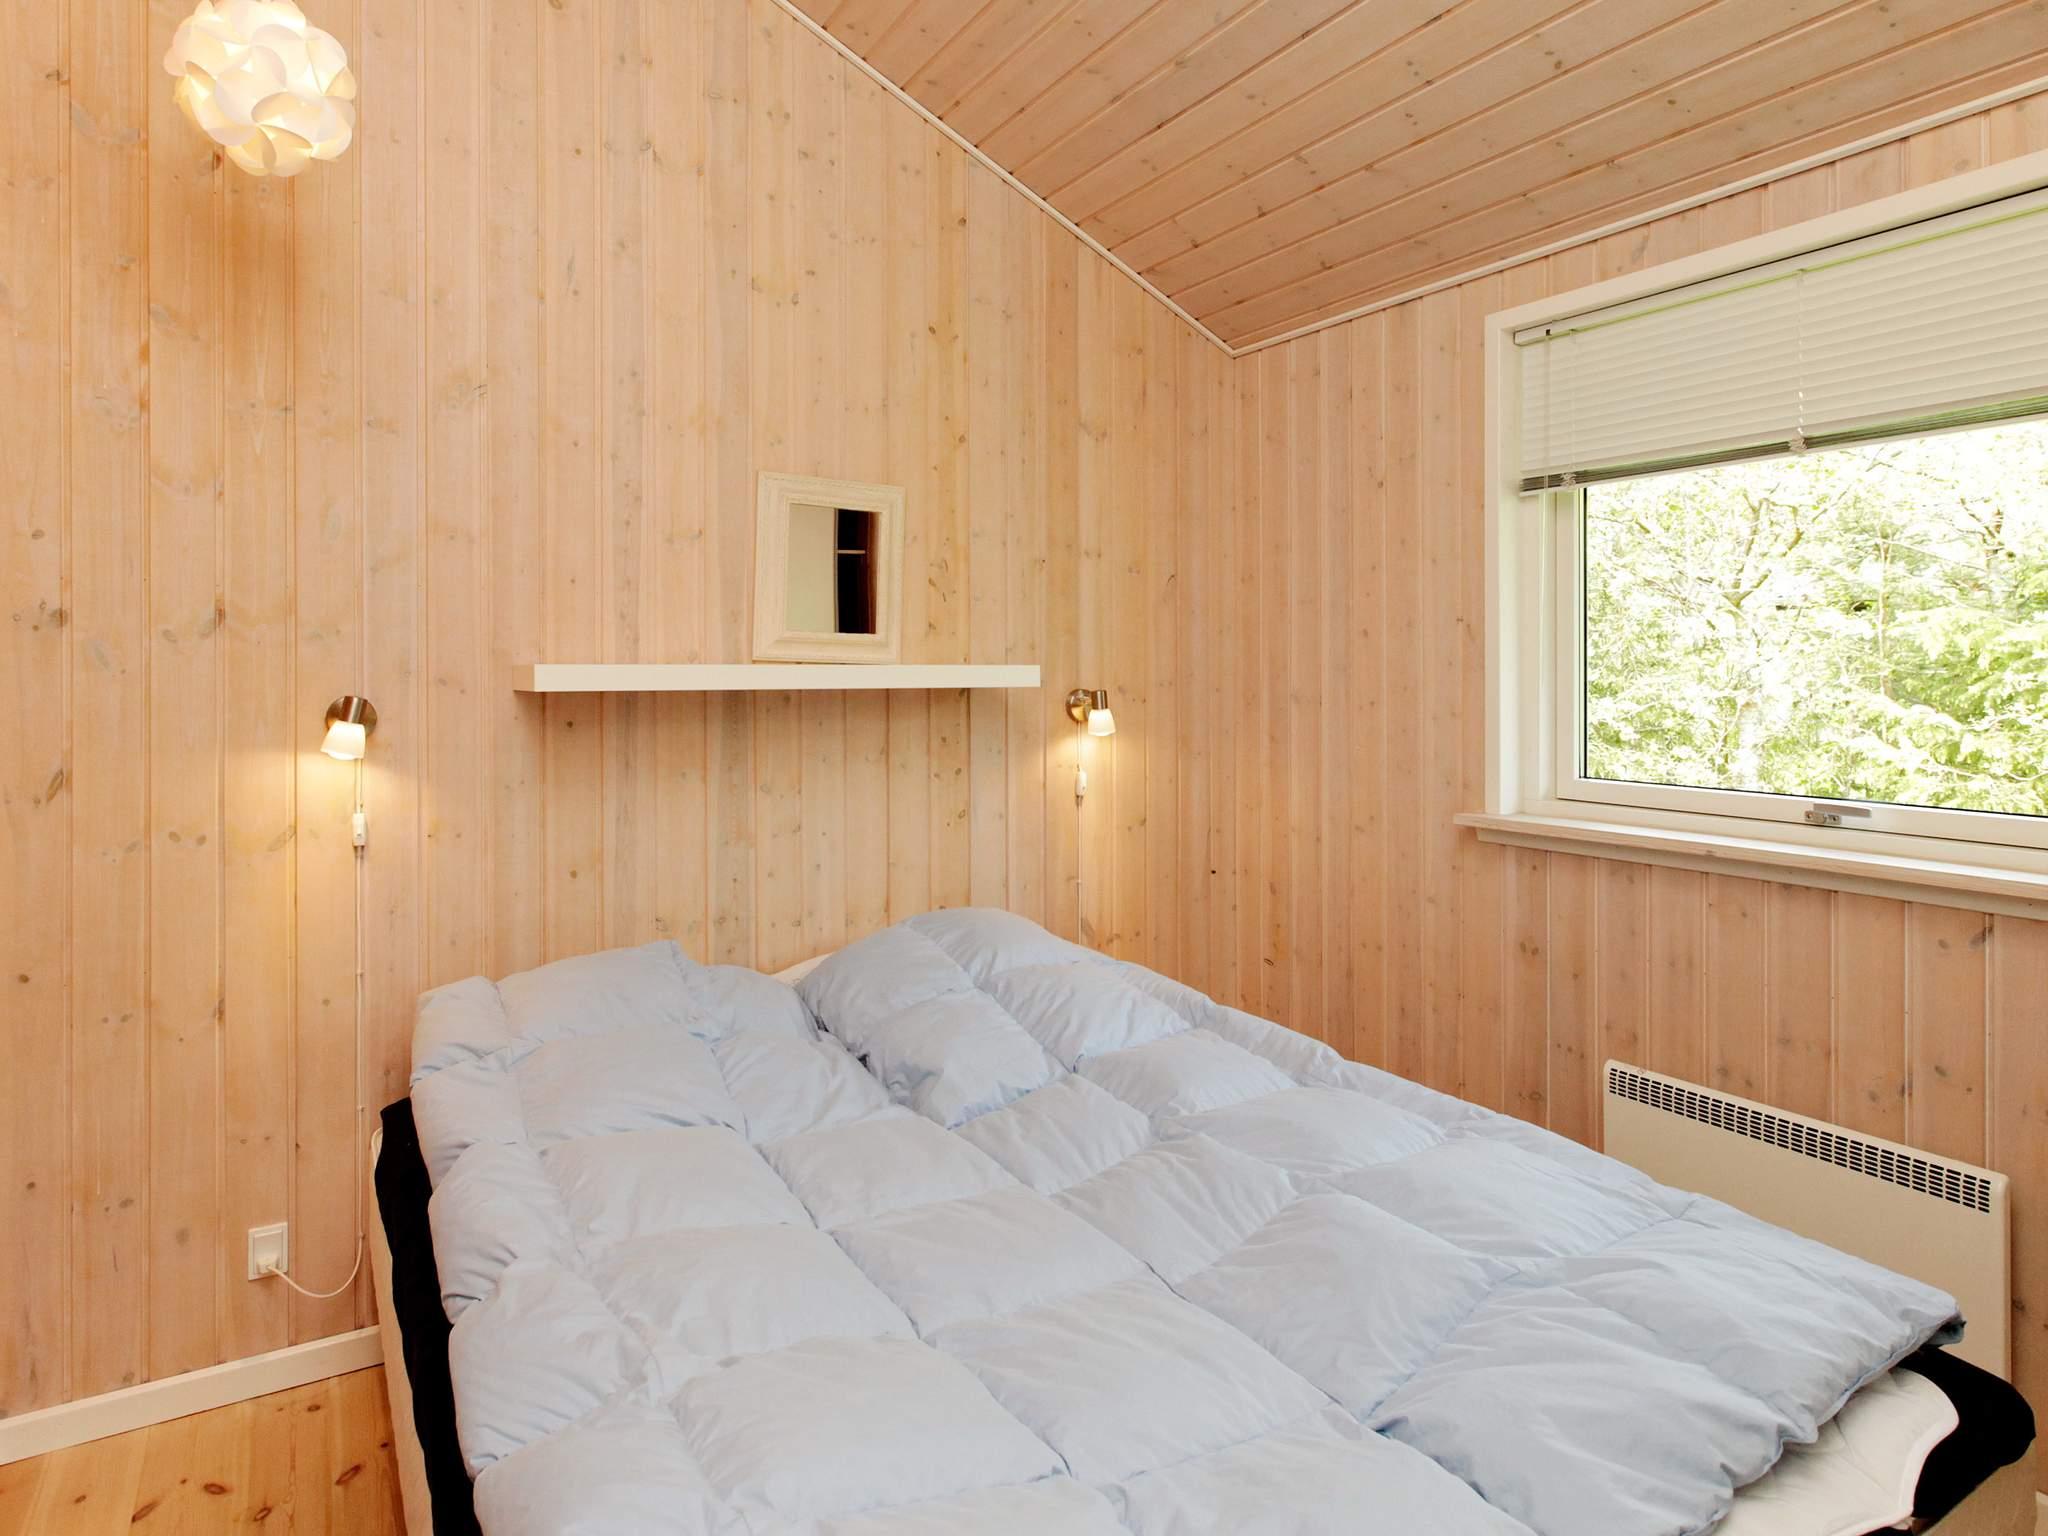 Ferienhaus Lodskovvad (466531), Lodskovvad, , Nordostjütland, Dänemark, Bild 9